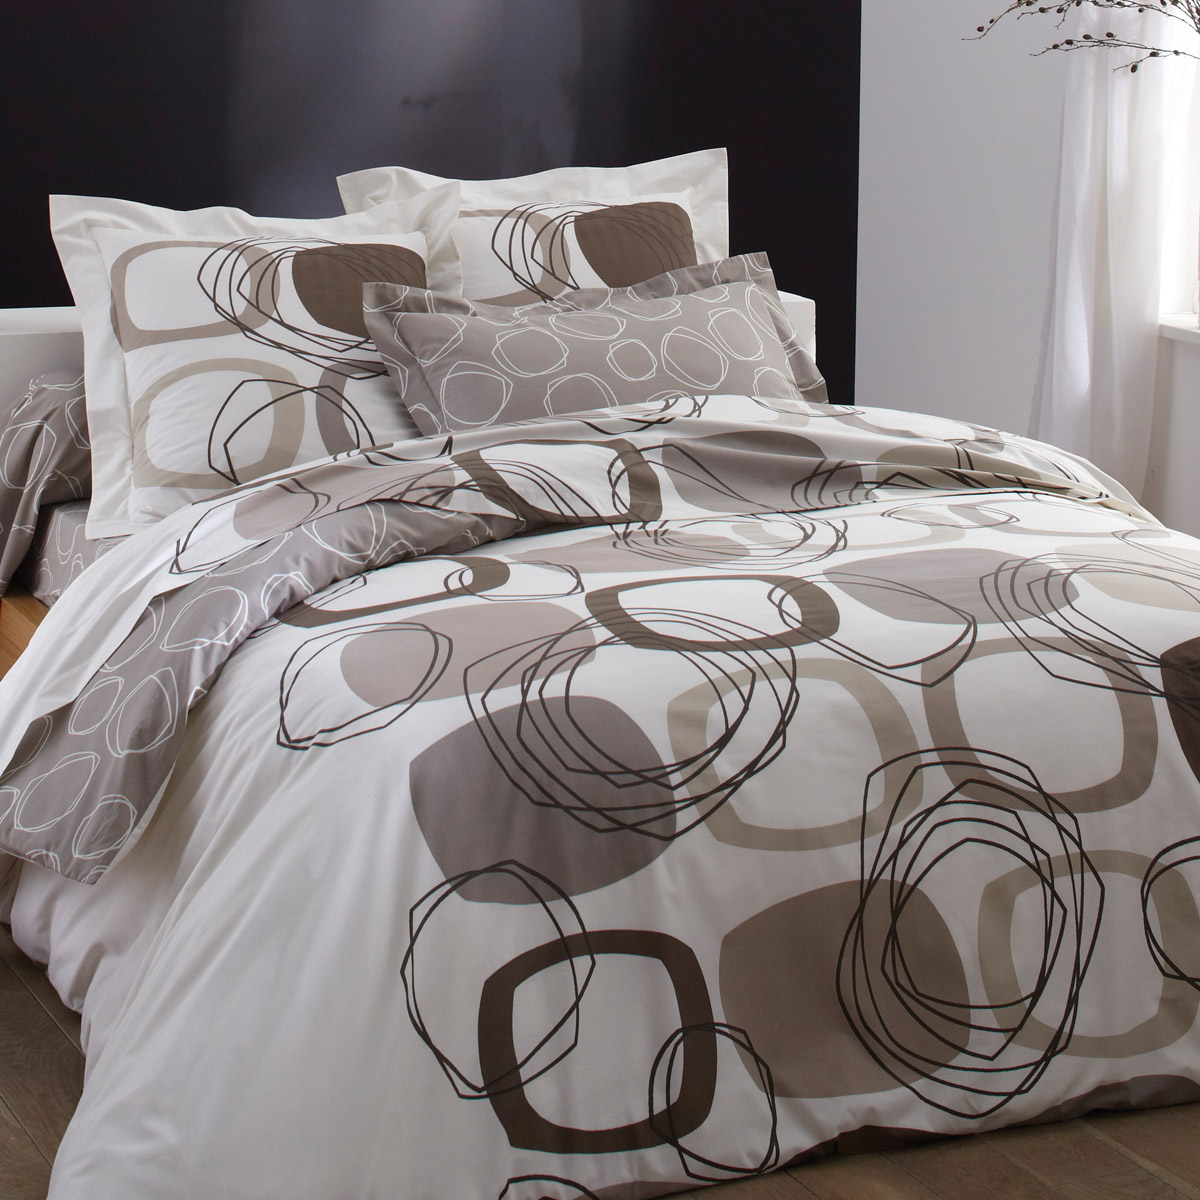 parure housse de couette 240x260 vision parure de couette juliette 100 coton 1 housse de. Black Bedroom Furniture Sets. Home Design Ideas